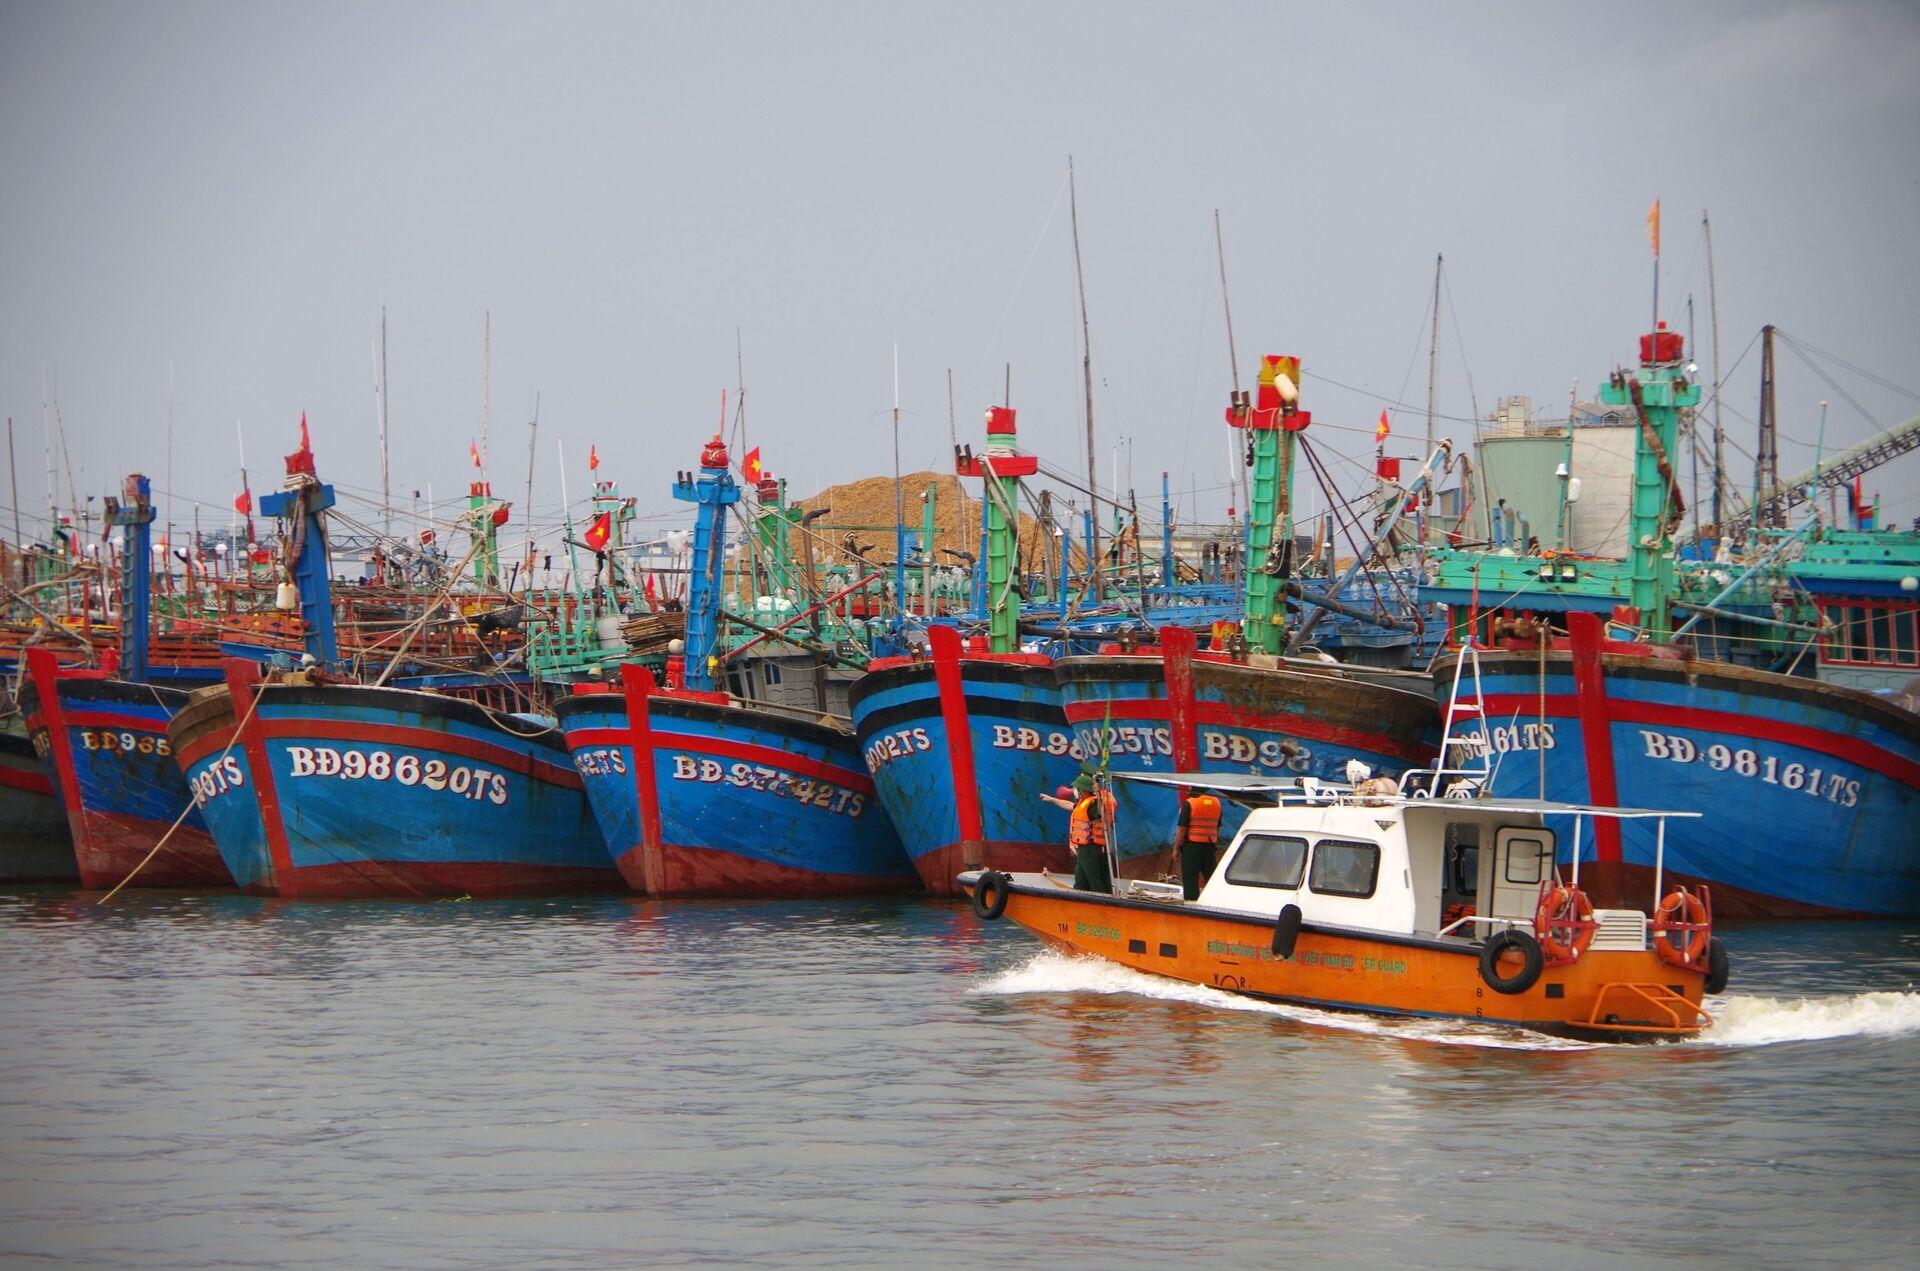 Bình Định: Khẩn trương kêu gọi tàu thuyền vào bờ trú tránh bão số 6 - Sputnik Việt Nam, 1920, 05.10.2021